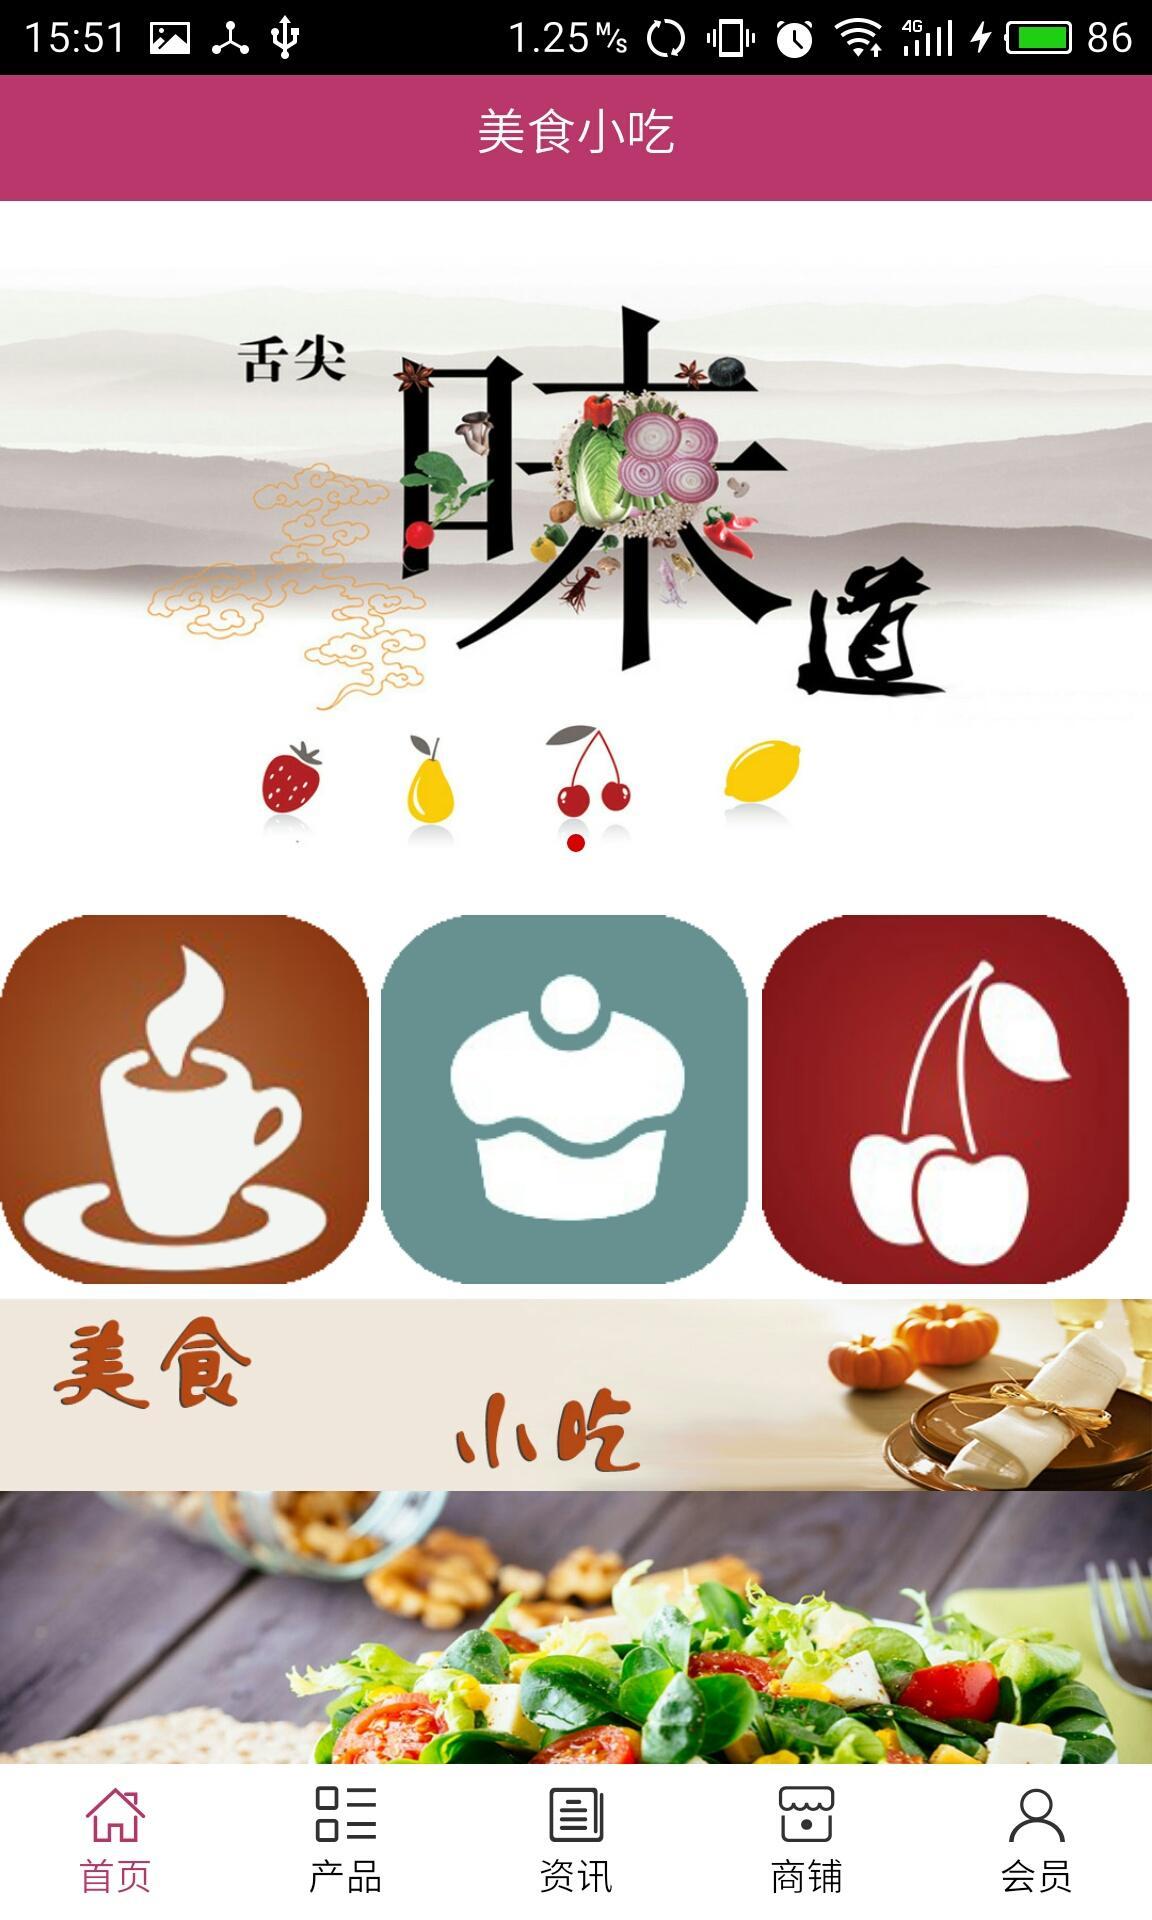 美食小吃 V5.0.0 安卓版截图1